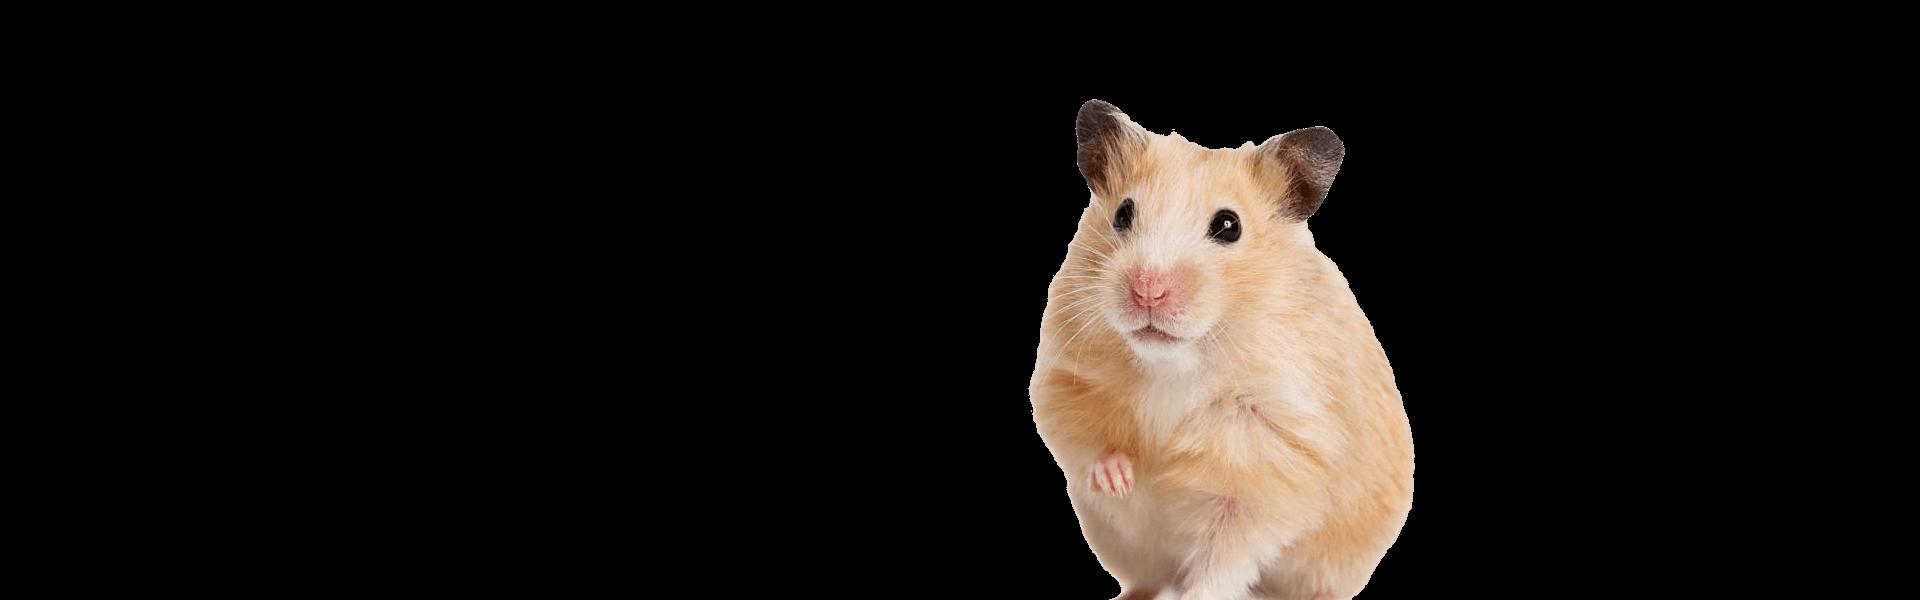 sunny articulos para mascota seccion perros roedor - Sunny | Productos y Accesorios para roedores | México